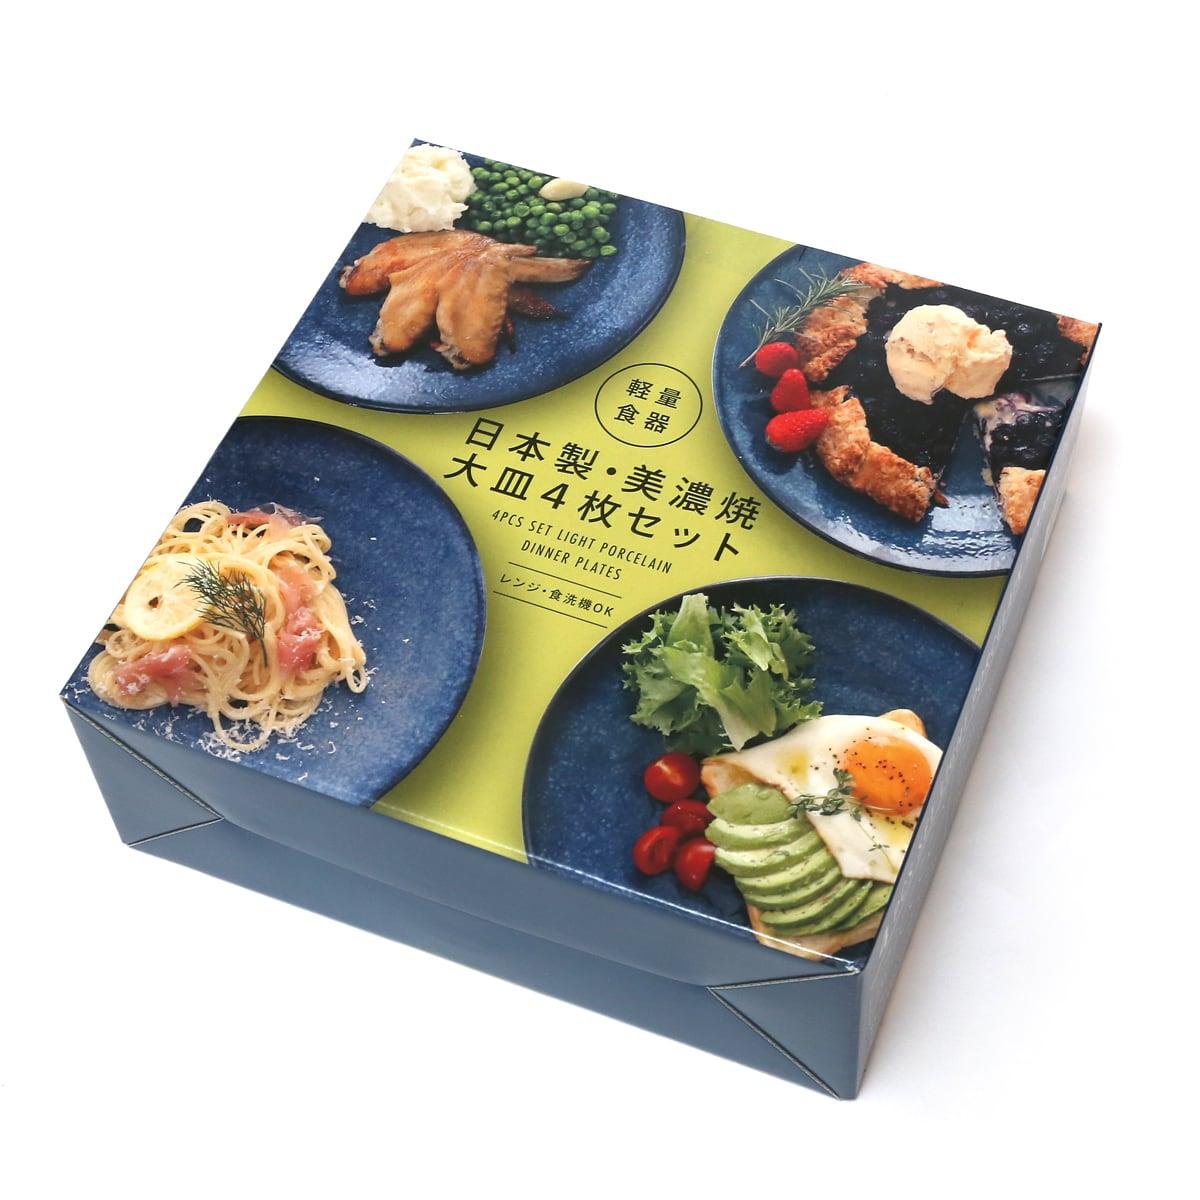 日本製・美濃焼 軽量食器 大皿4枚セット